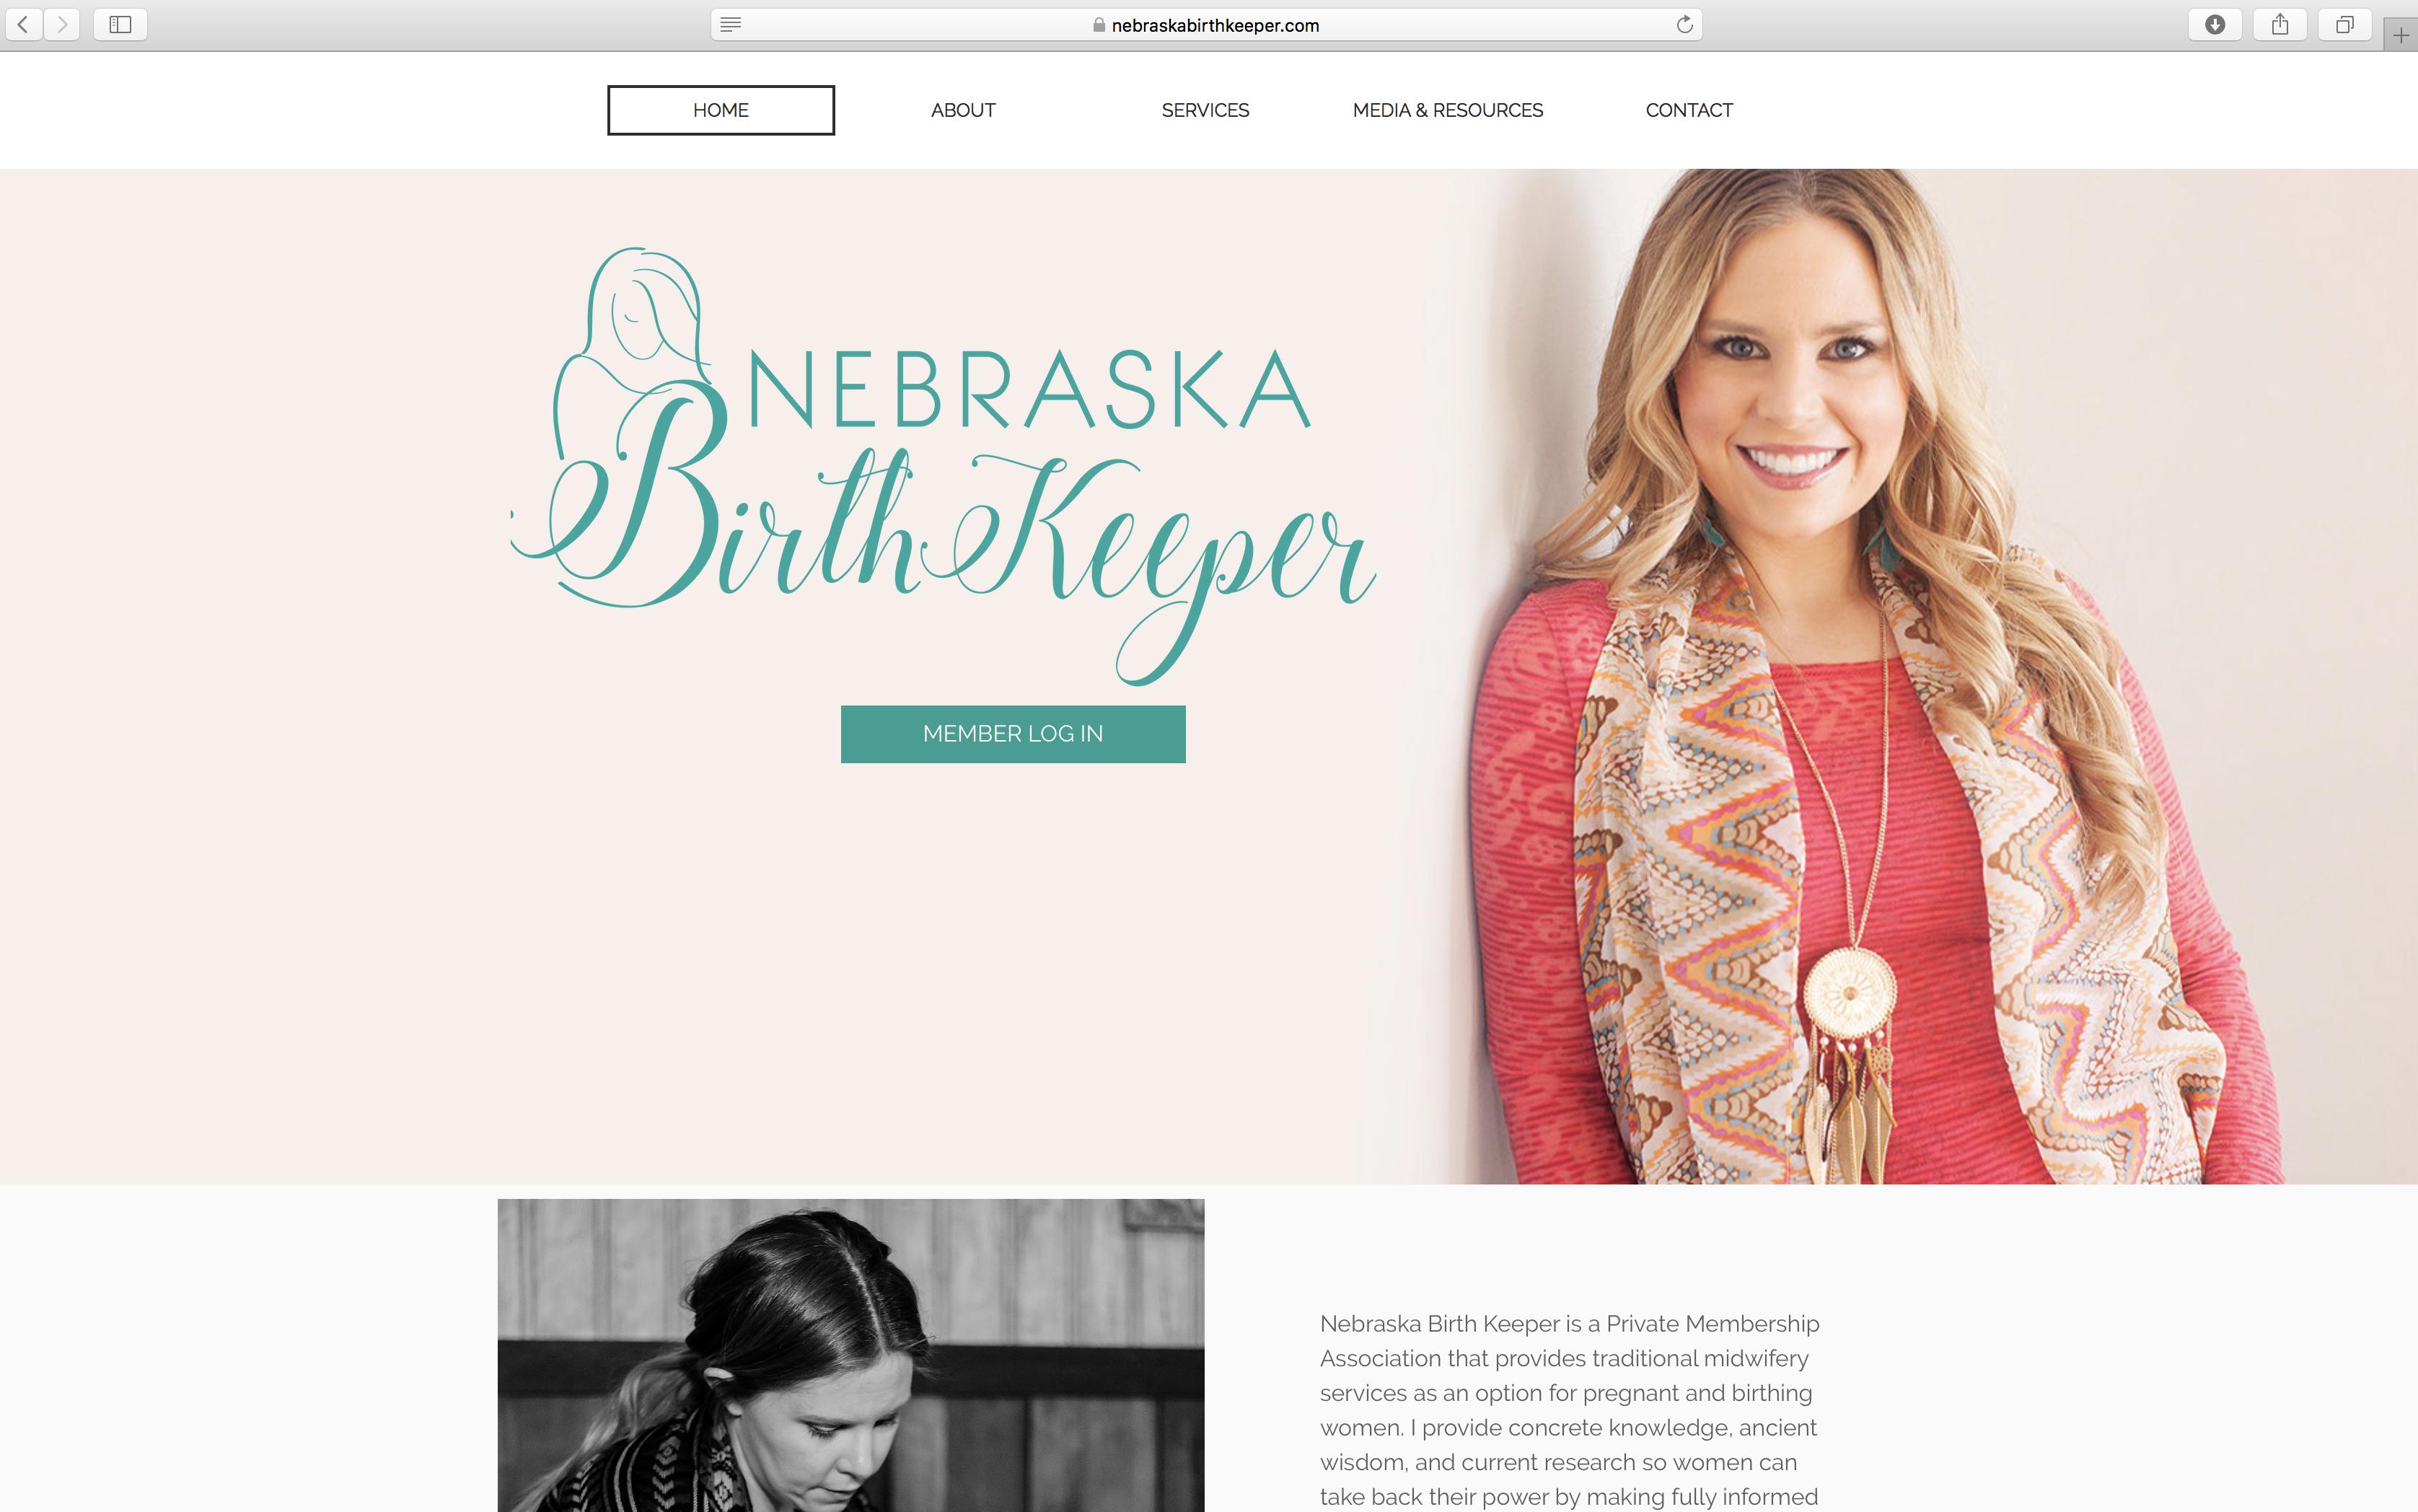 Nebraska Birth Keeper